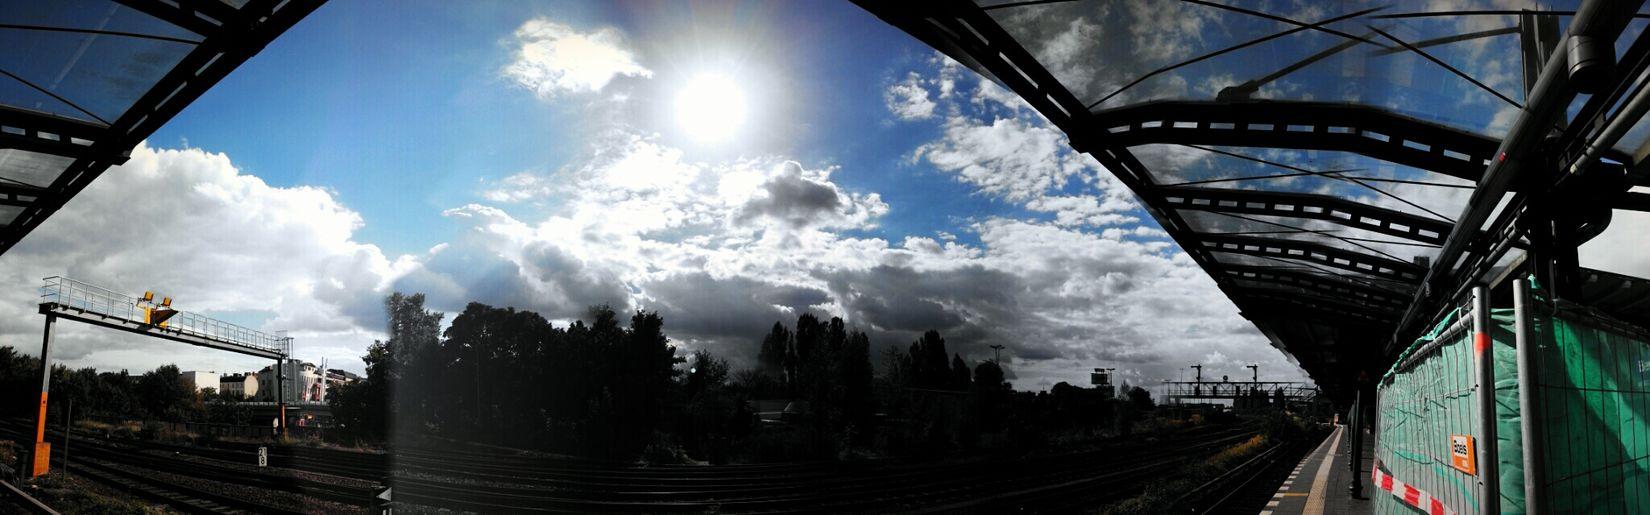 Change Your Perspective Symmetrical Auf Die Sbahn Warten Enjoying The Sun